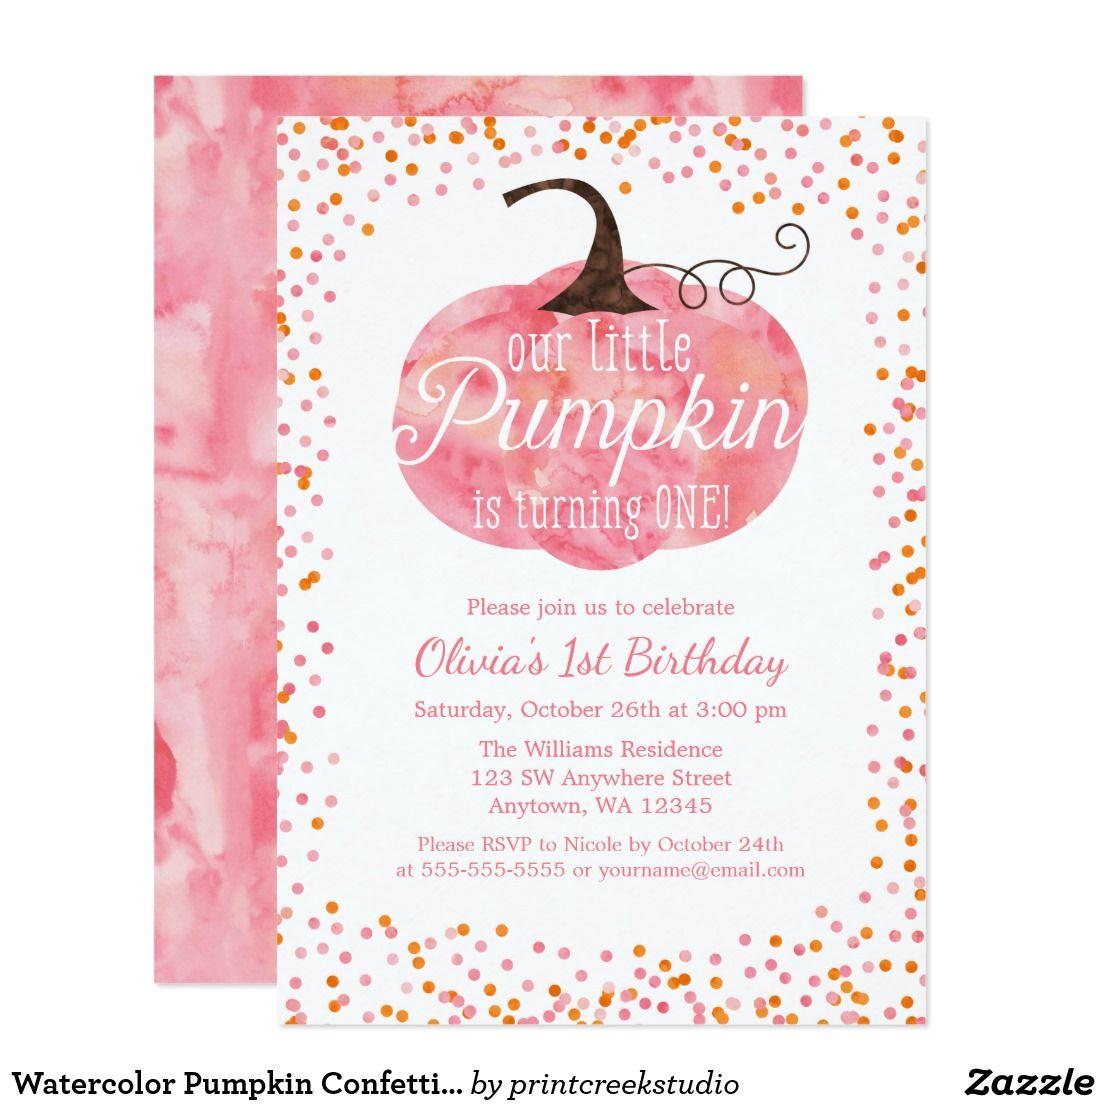 Watercolor Pumpkin Confetti Girl First Birthday Invitation in 2018 ...